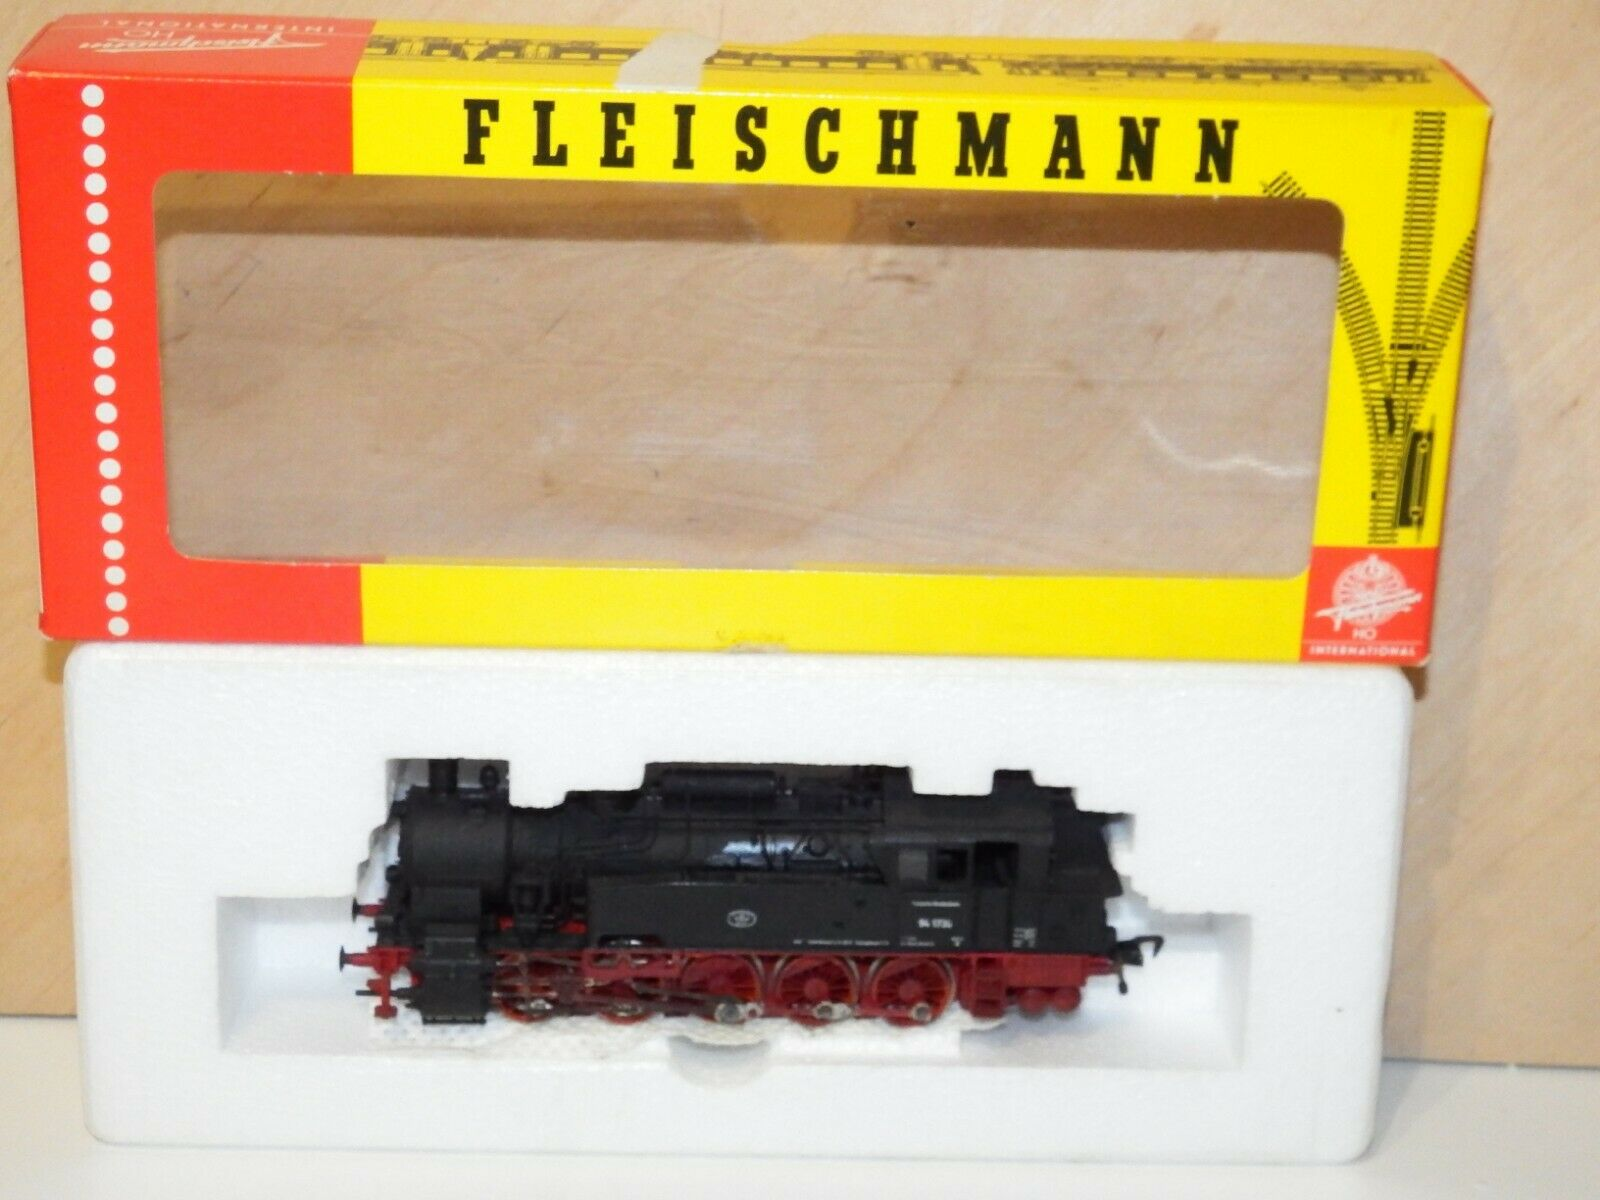 H0 Fleischmann 4094 Steam Locomotive DB BR 94 1730 Aged not OVP 8598